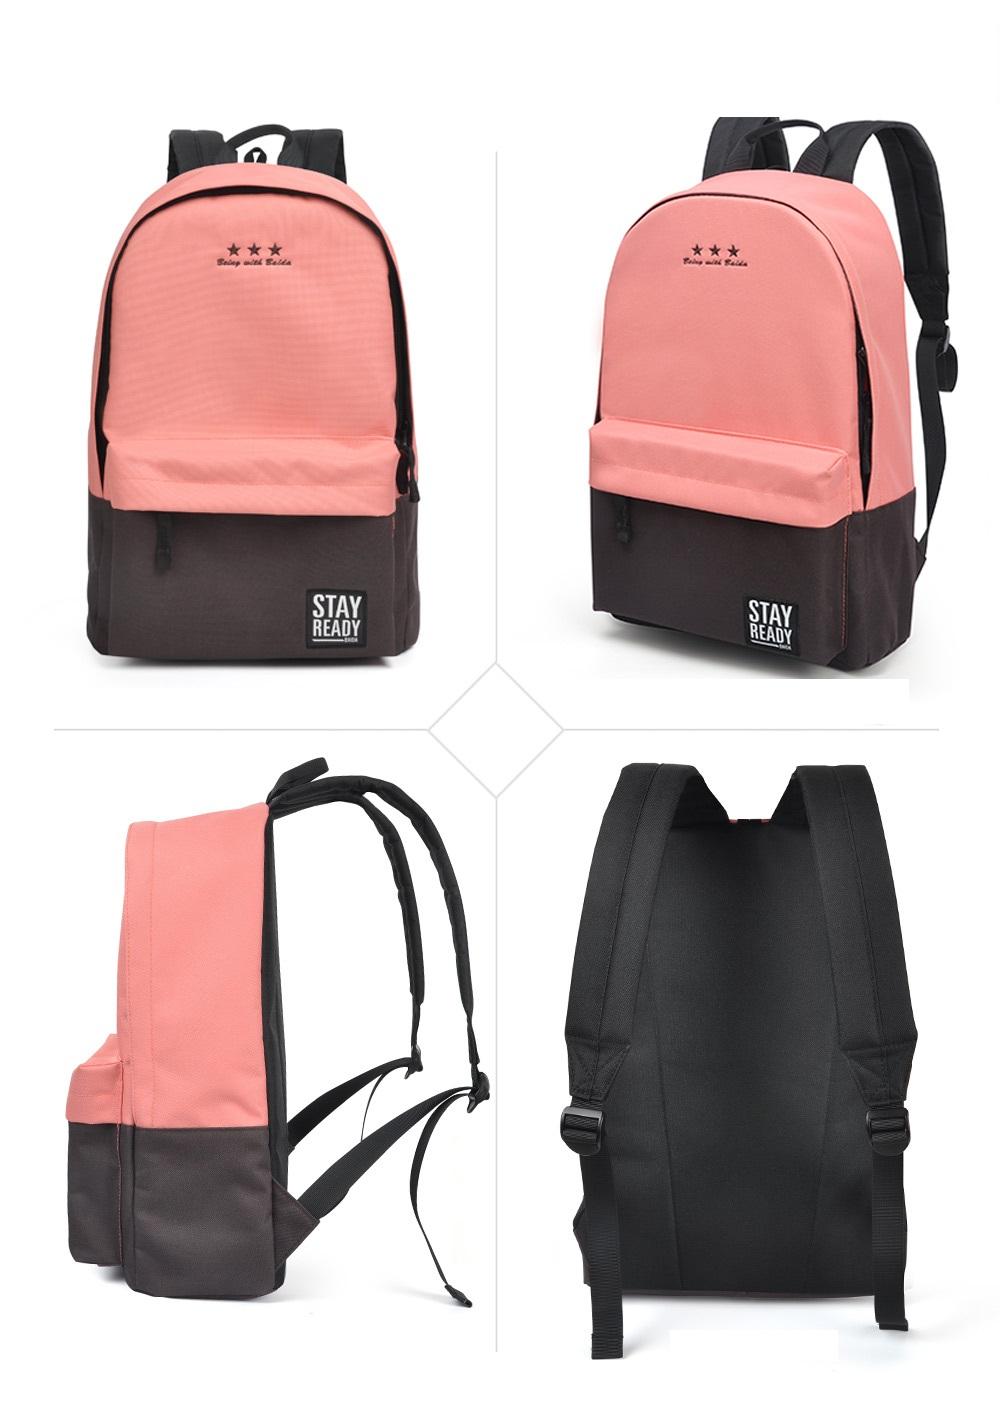 cb8008e984fd9 Oryginalny plecak szkolny unisex MODITO